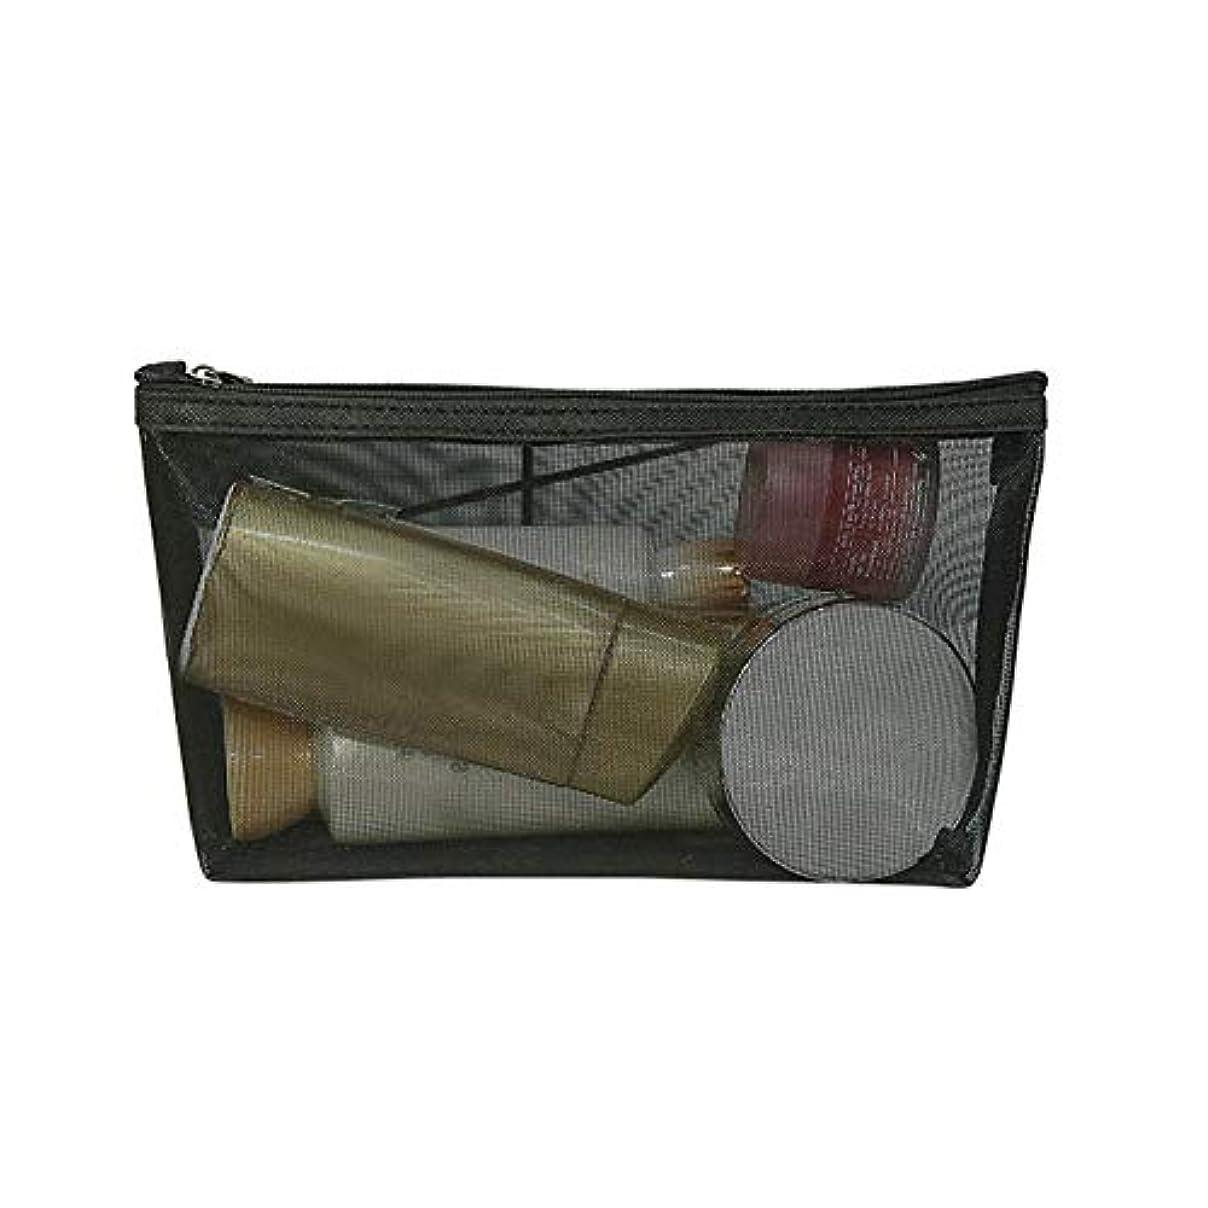 シャット予防接種朝BULemon 1ピースシンプルなストレート口化粧品袋透明メッシュ化粧品収納袋化粧品袋透明ジッパー収納袋旅行バッグ